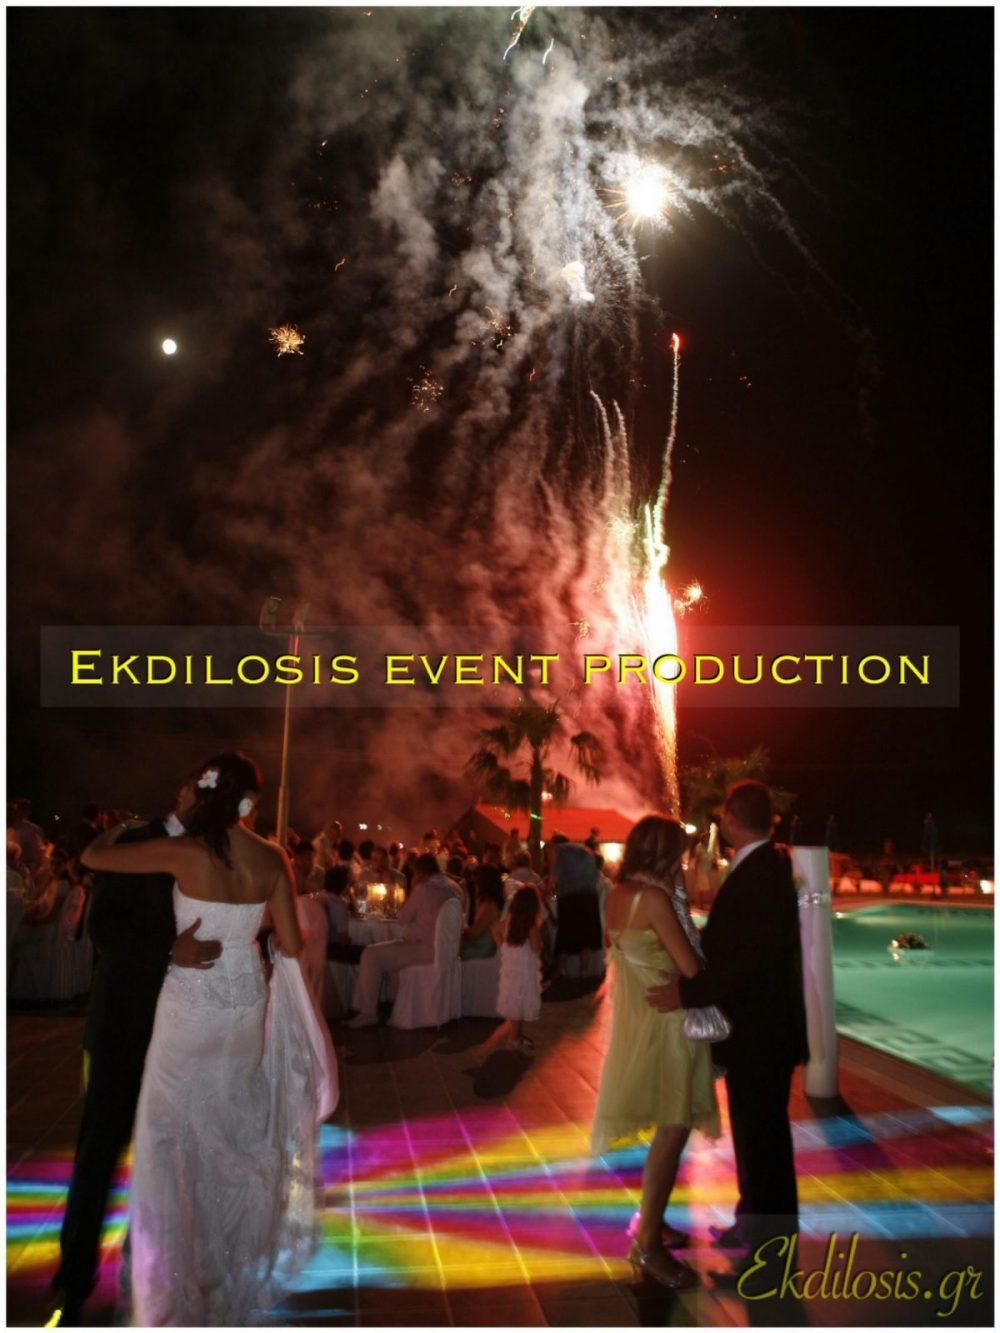 πυροτεχνήματα προσωπικών εκδηλώσεων